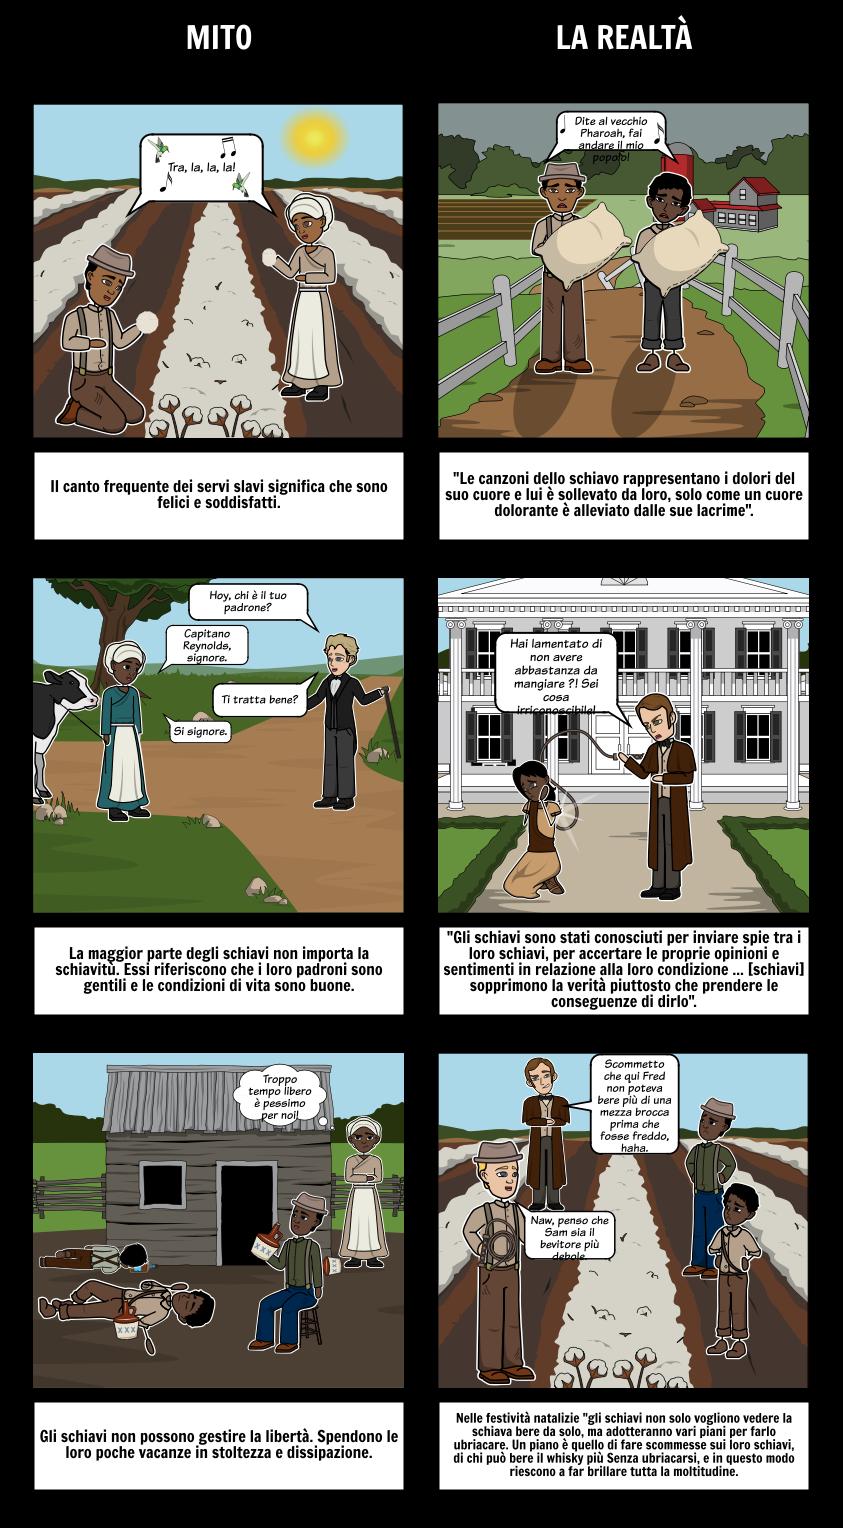 Una Narrazione Della Vita dei Fantasmi di Frederick Douglass